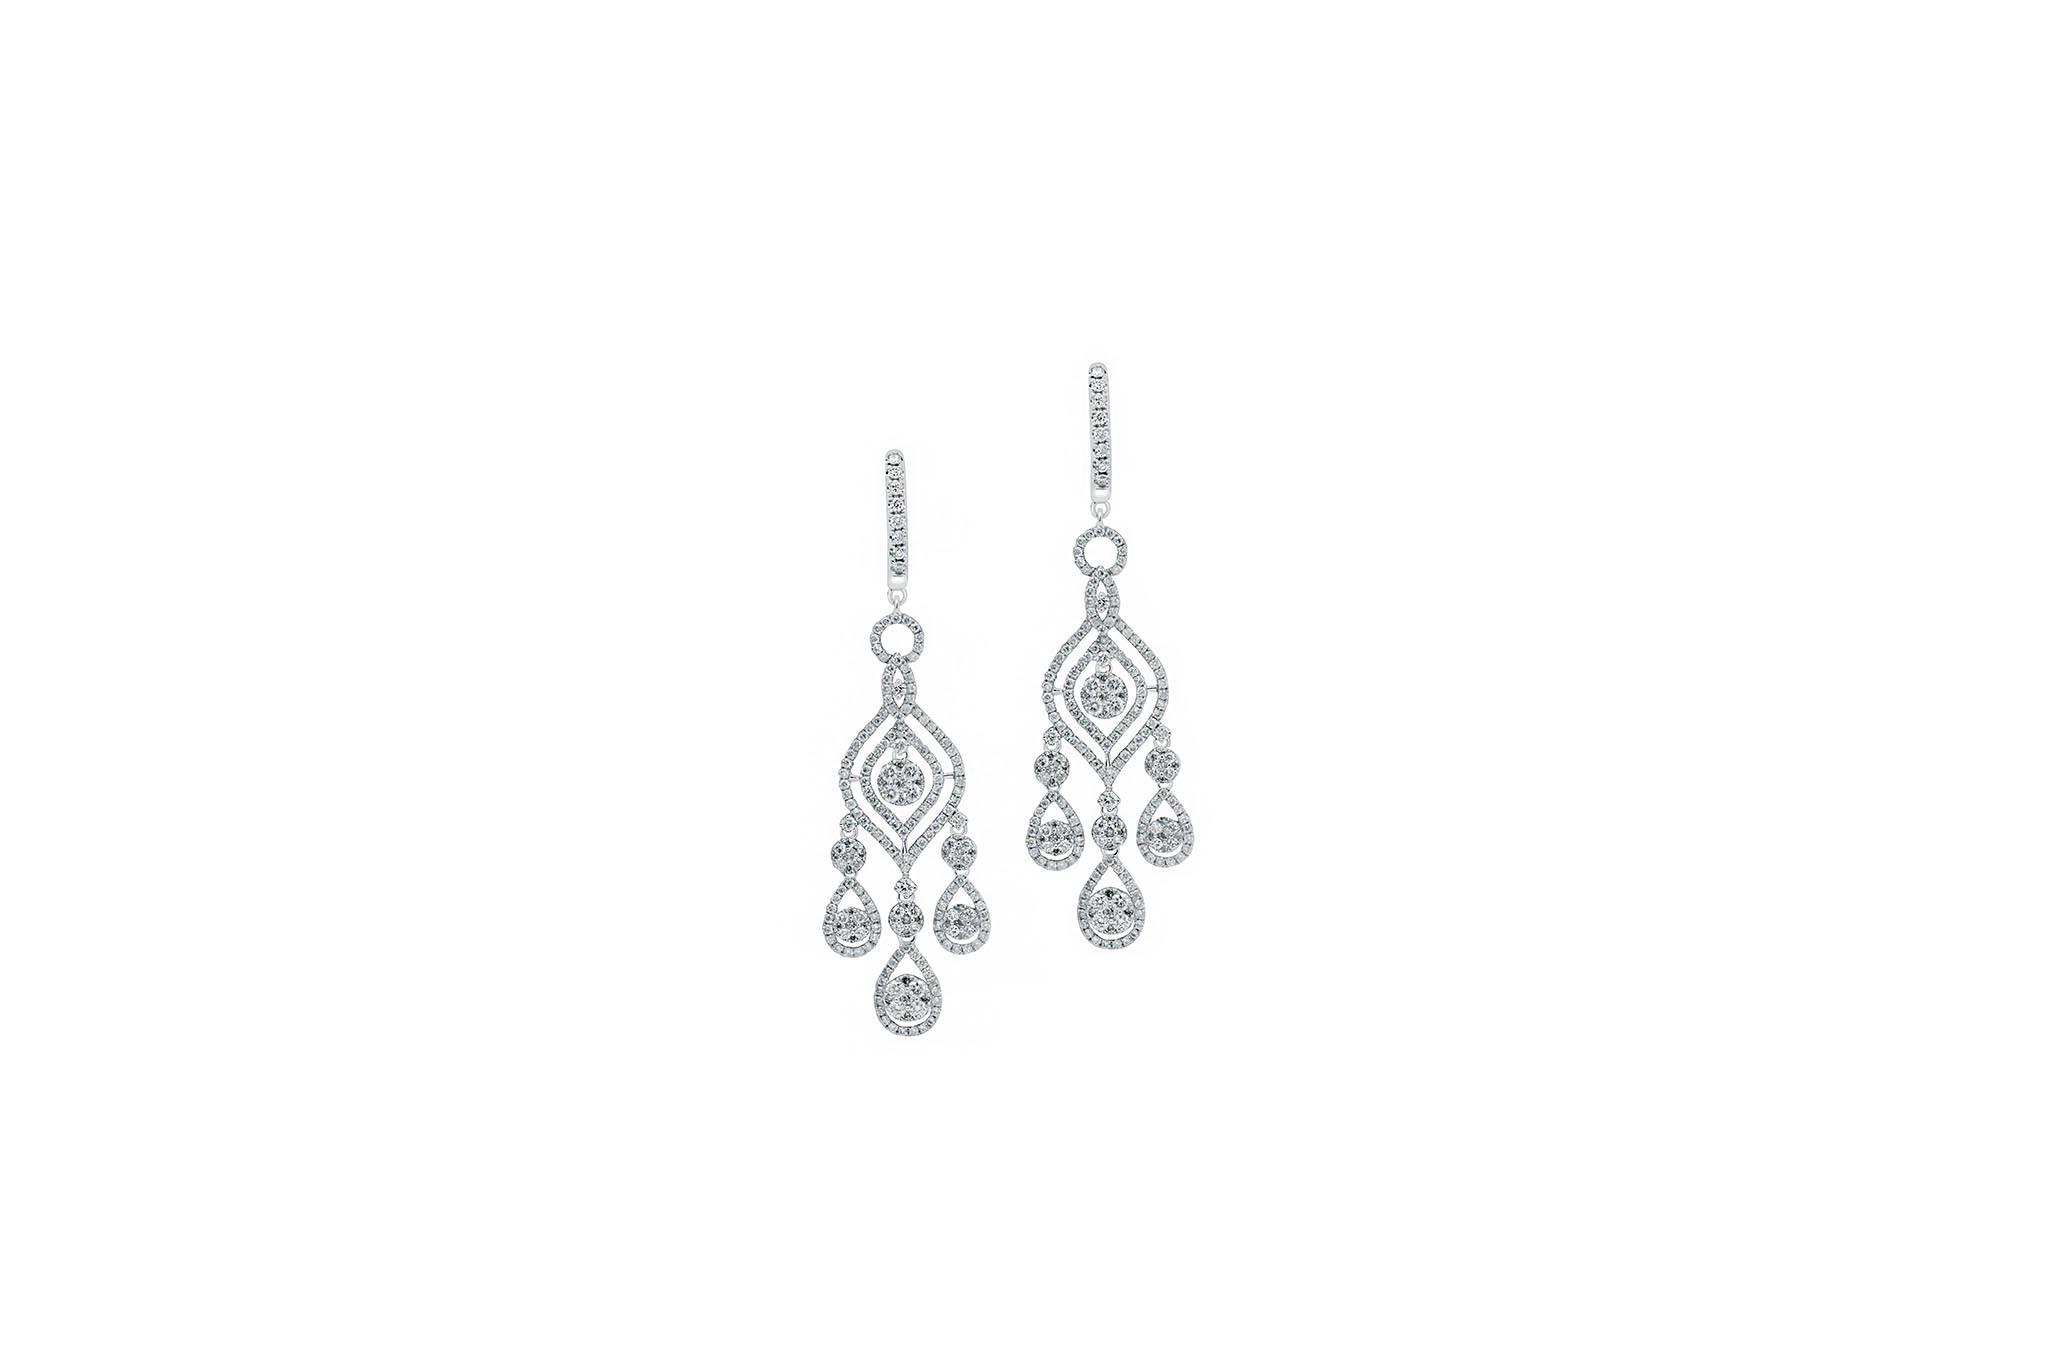 18 Ct Wg Chandelier Diamond Earrings Custom Made By Kalfin Jewellery